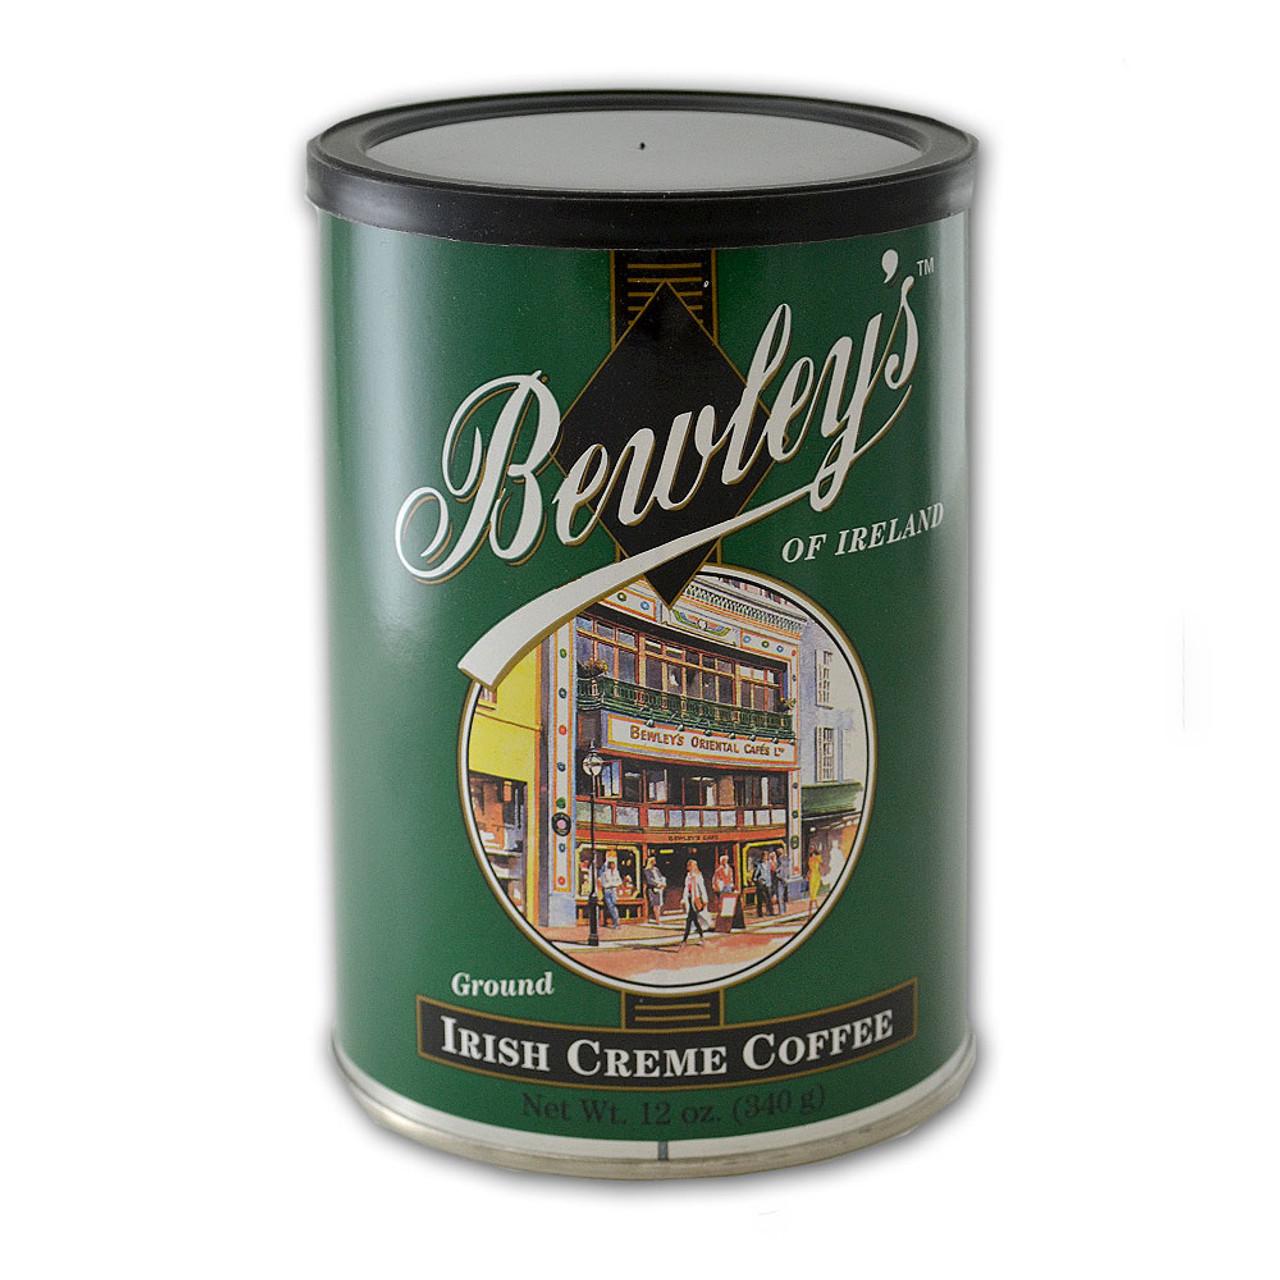 Bewley's Irish Creme Coffee 12 oz